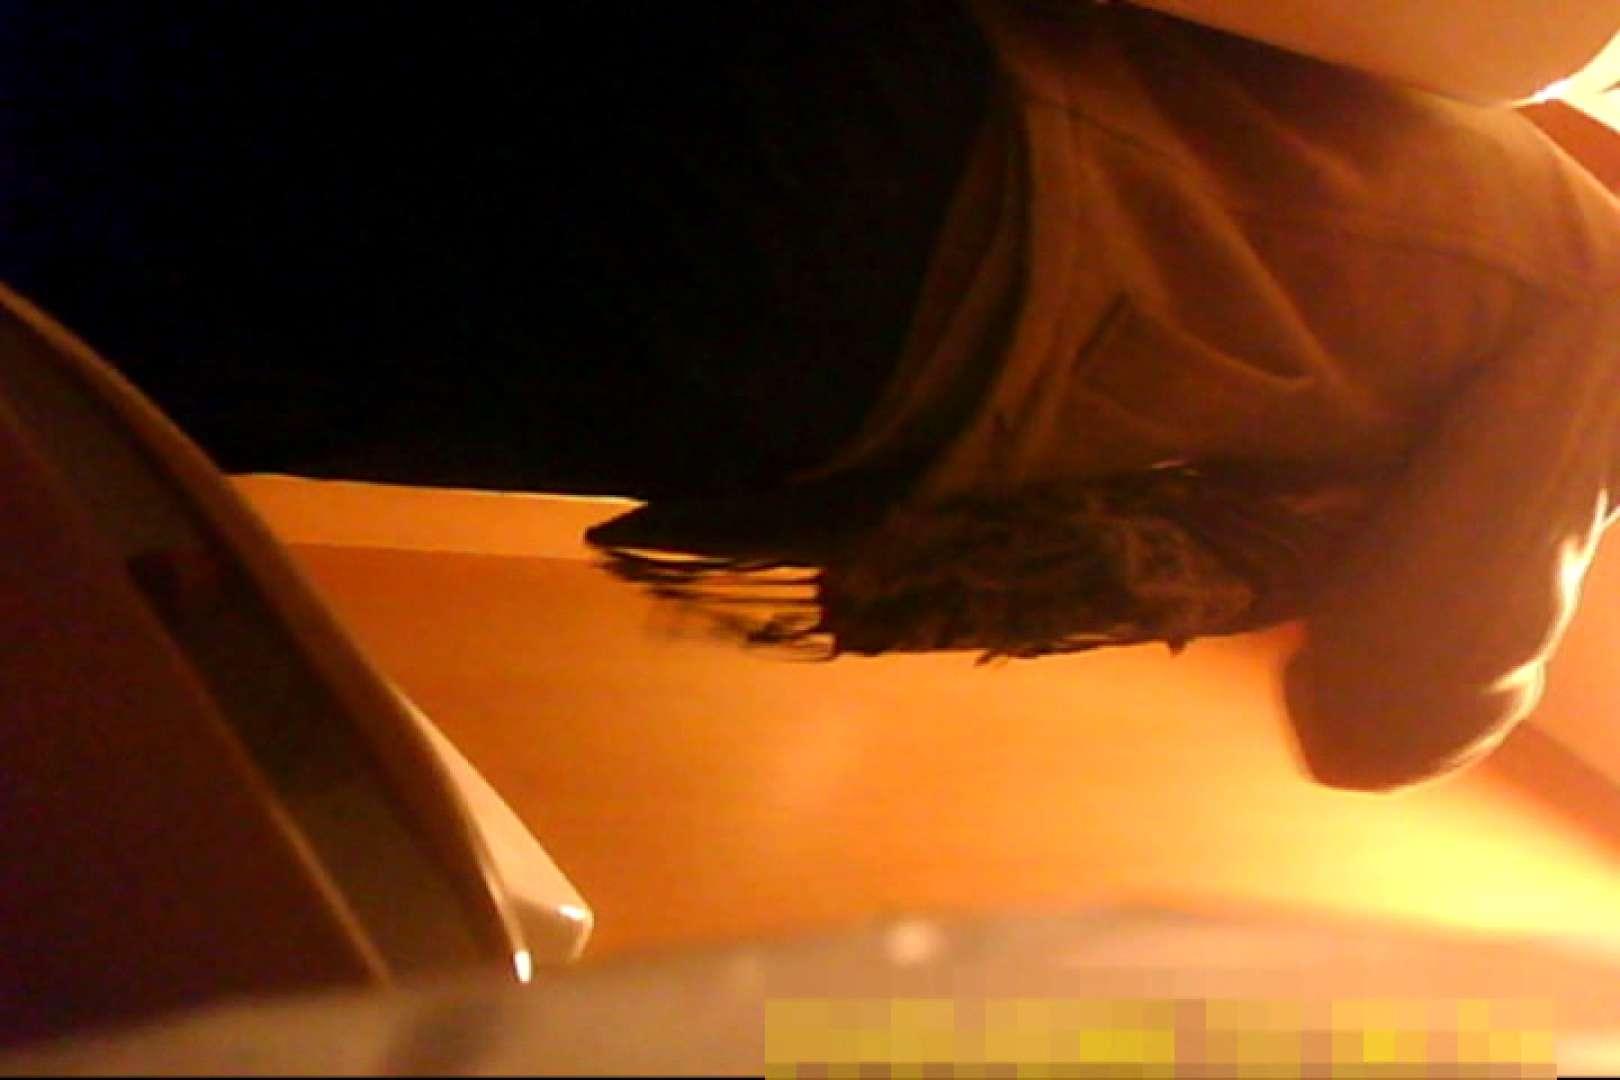 魅惑の化粧室~禁断のプライベート空間~vol.6 お姉さん丸裸 オメコ無修正動画無料 75pic 9